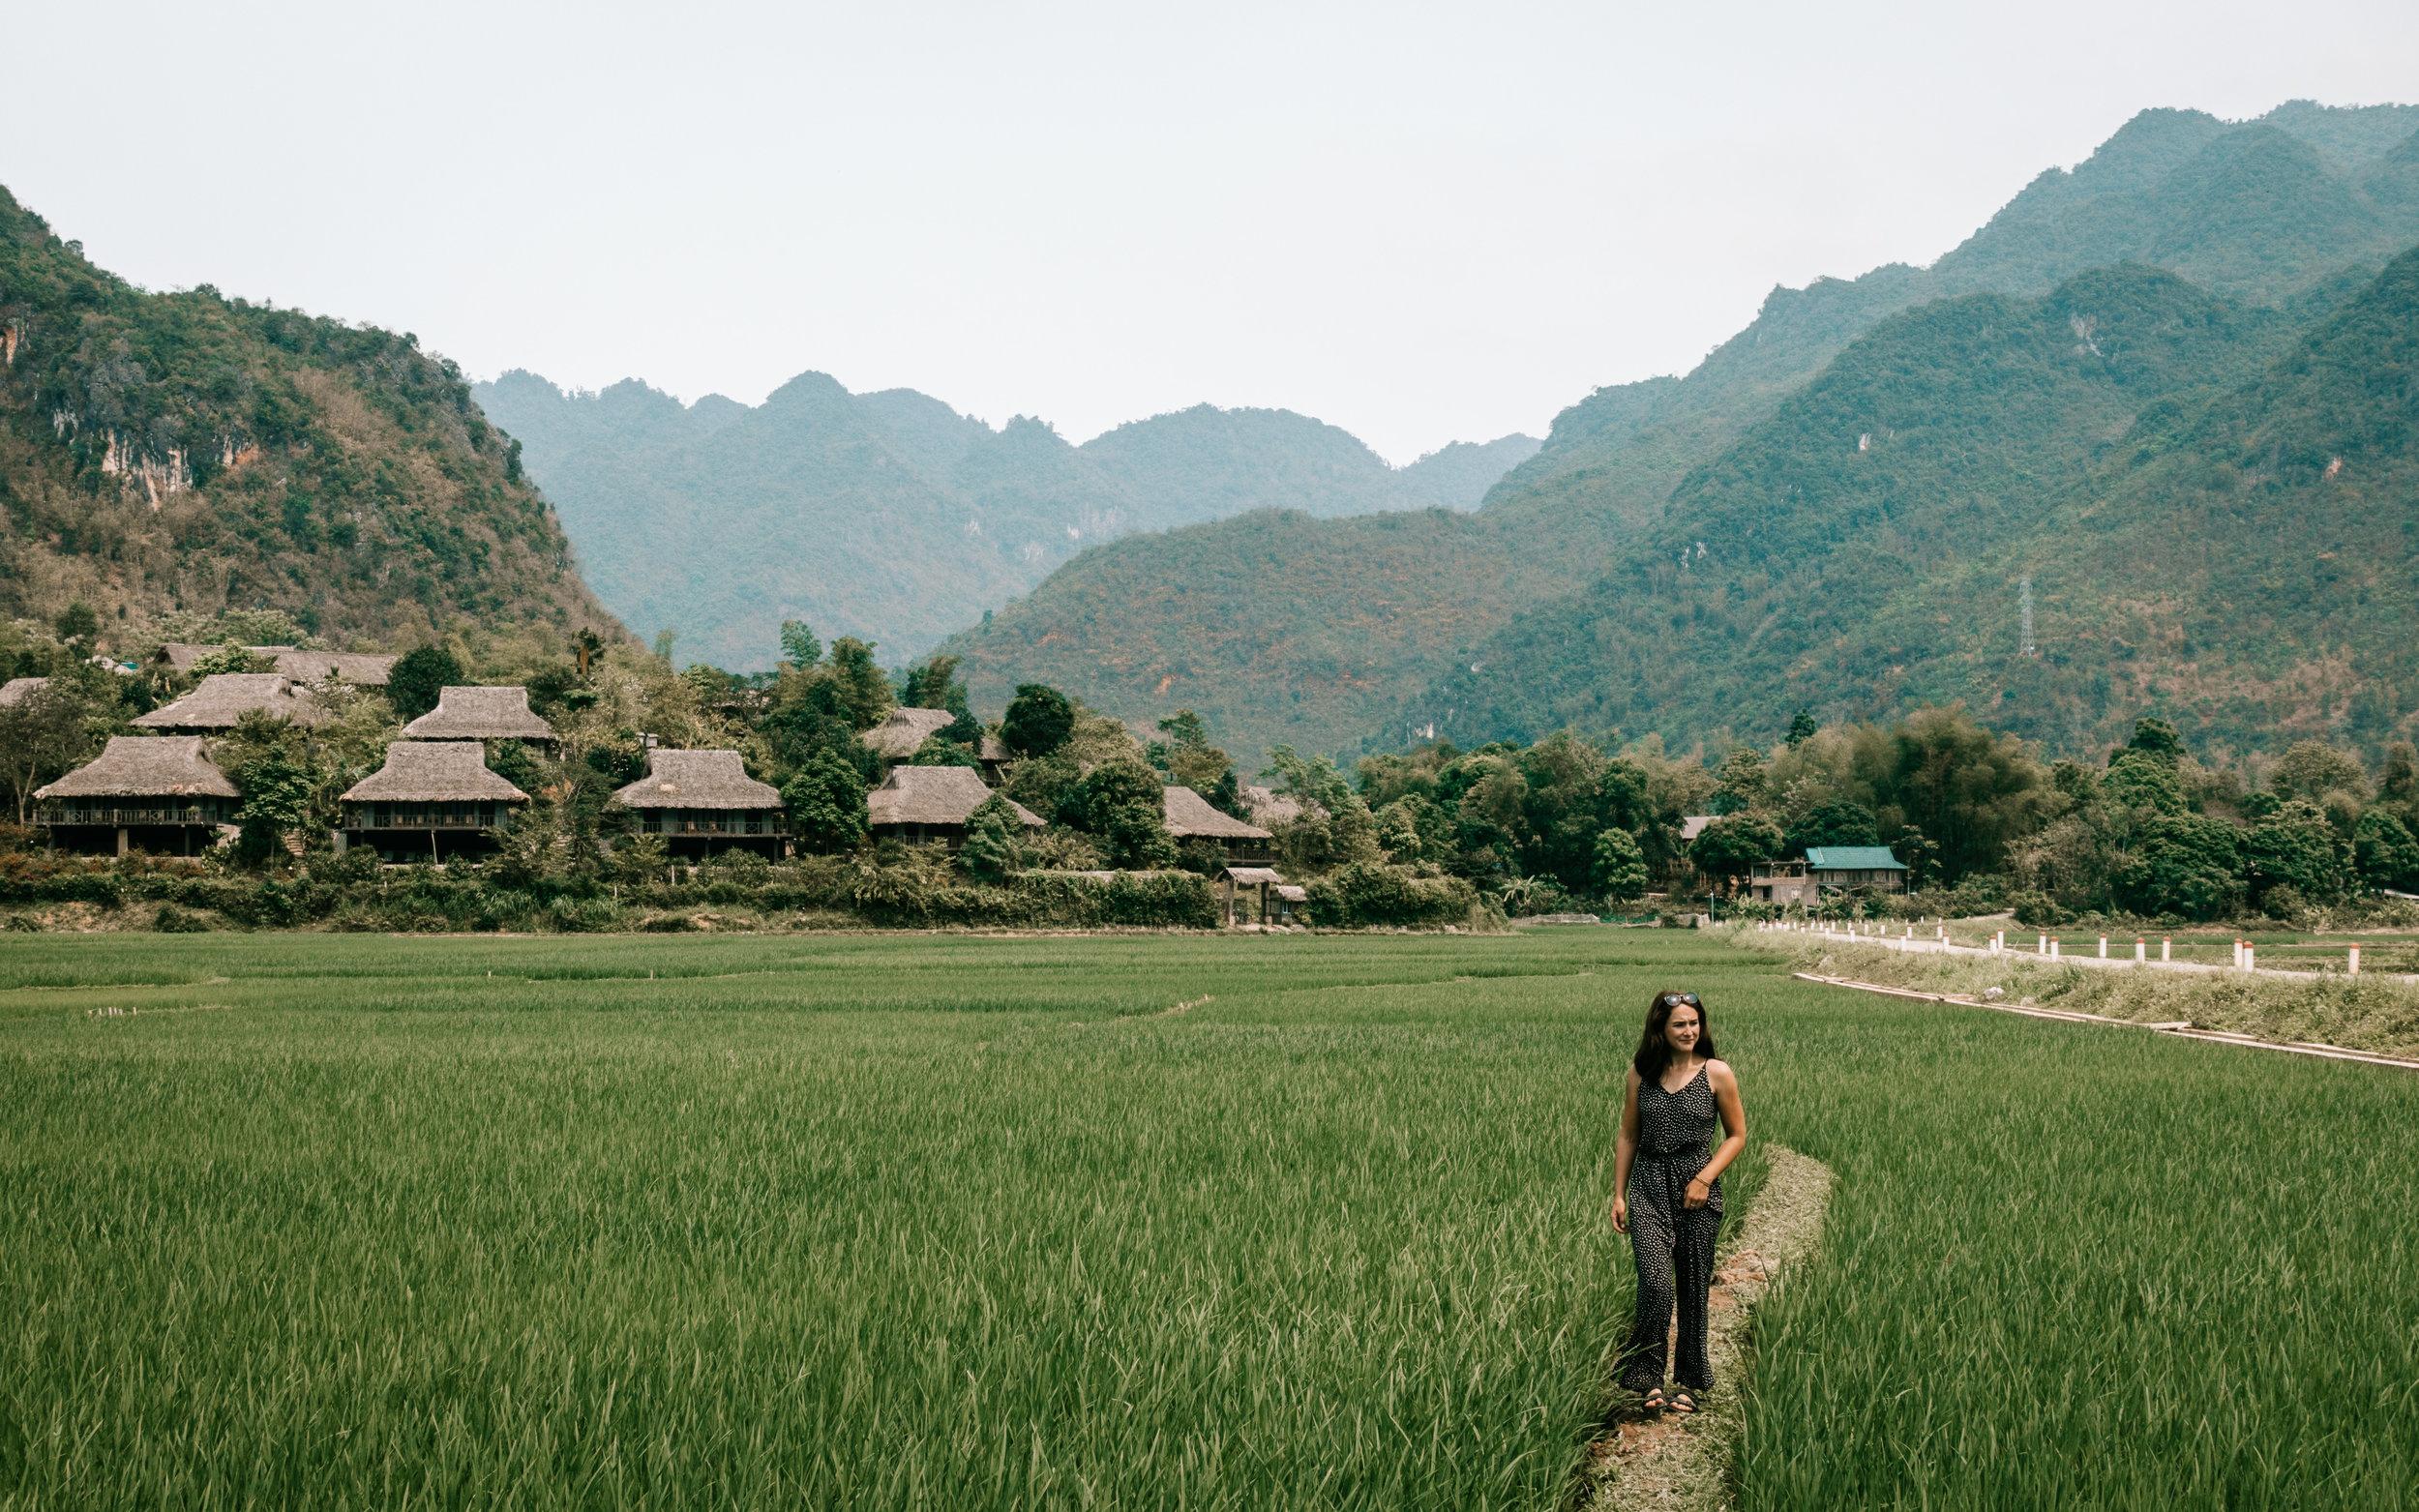 Rice paddies of Mai Chau